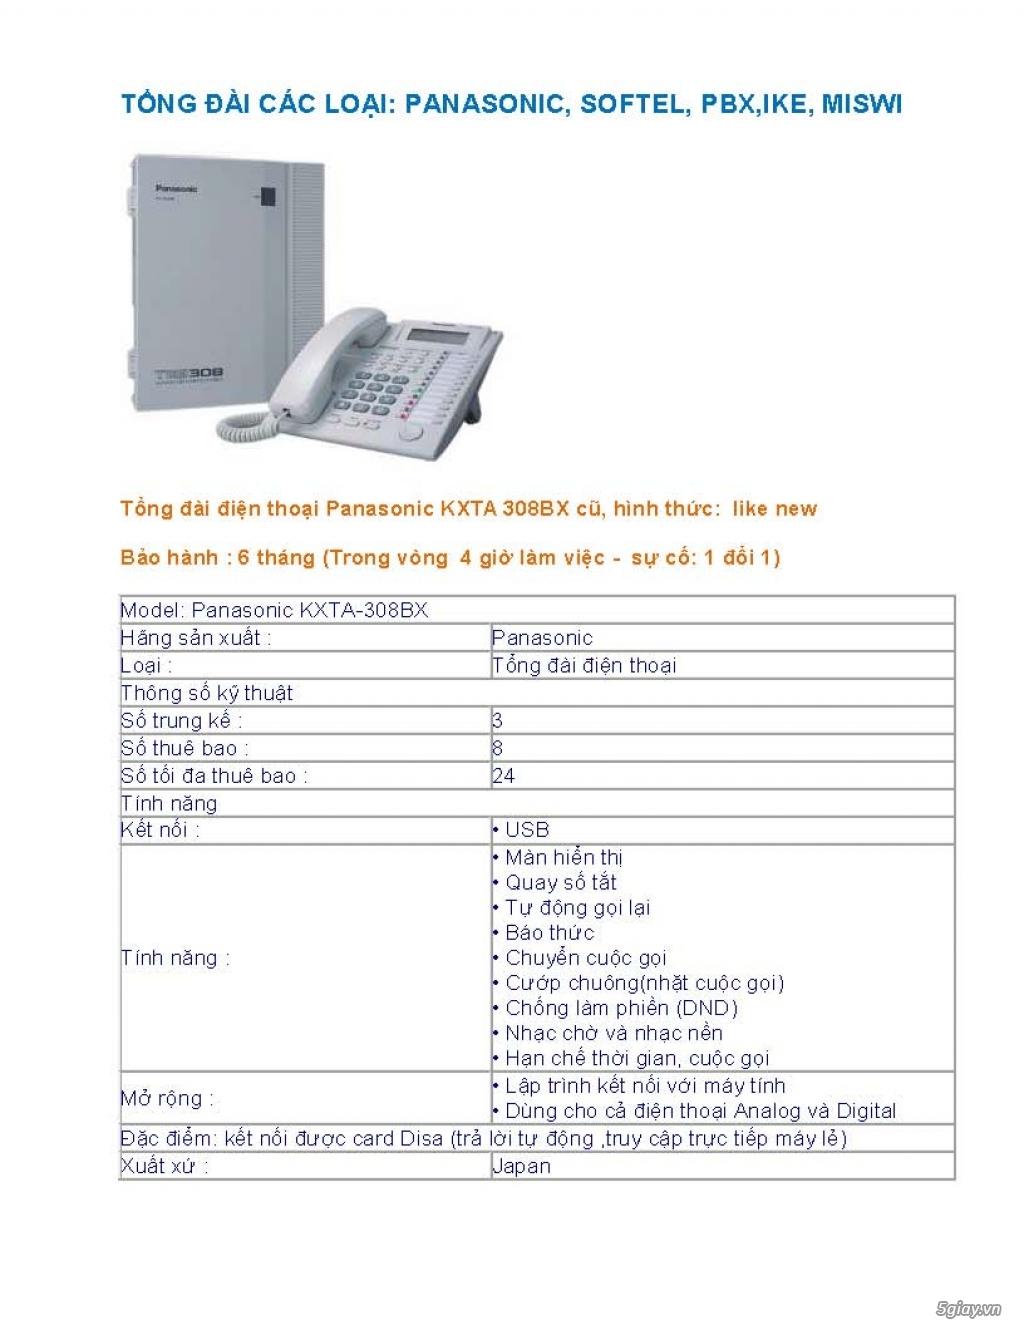 Sửa chữa Bộ Đàm,Máy Fax,Tổng Đài - 6